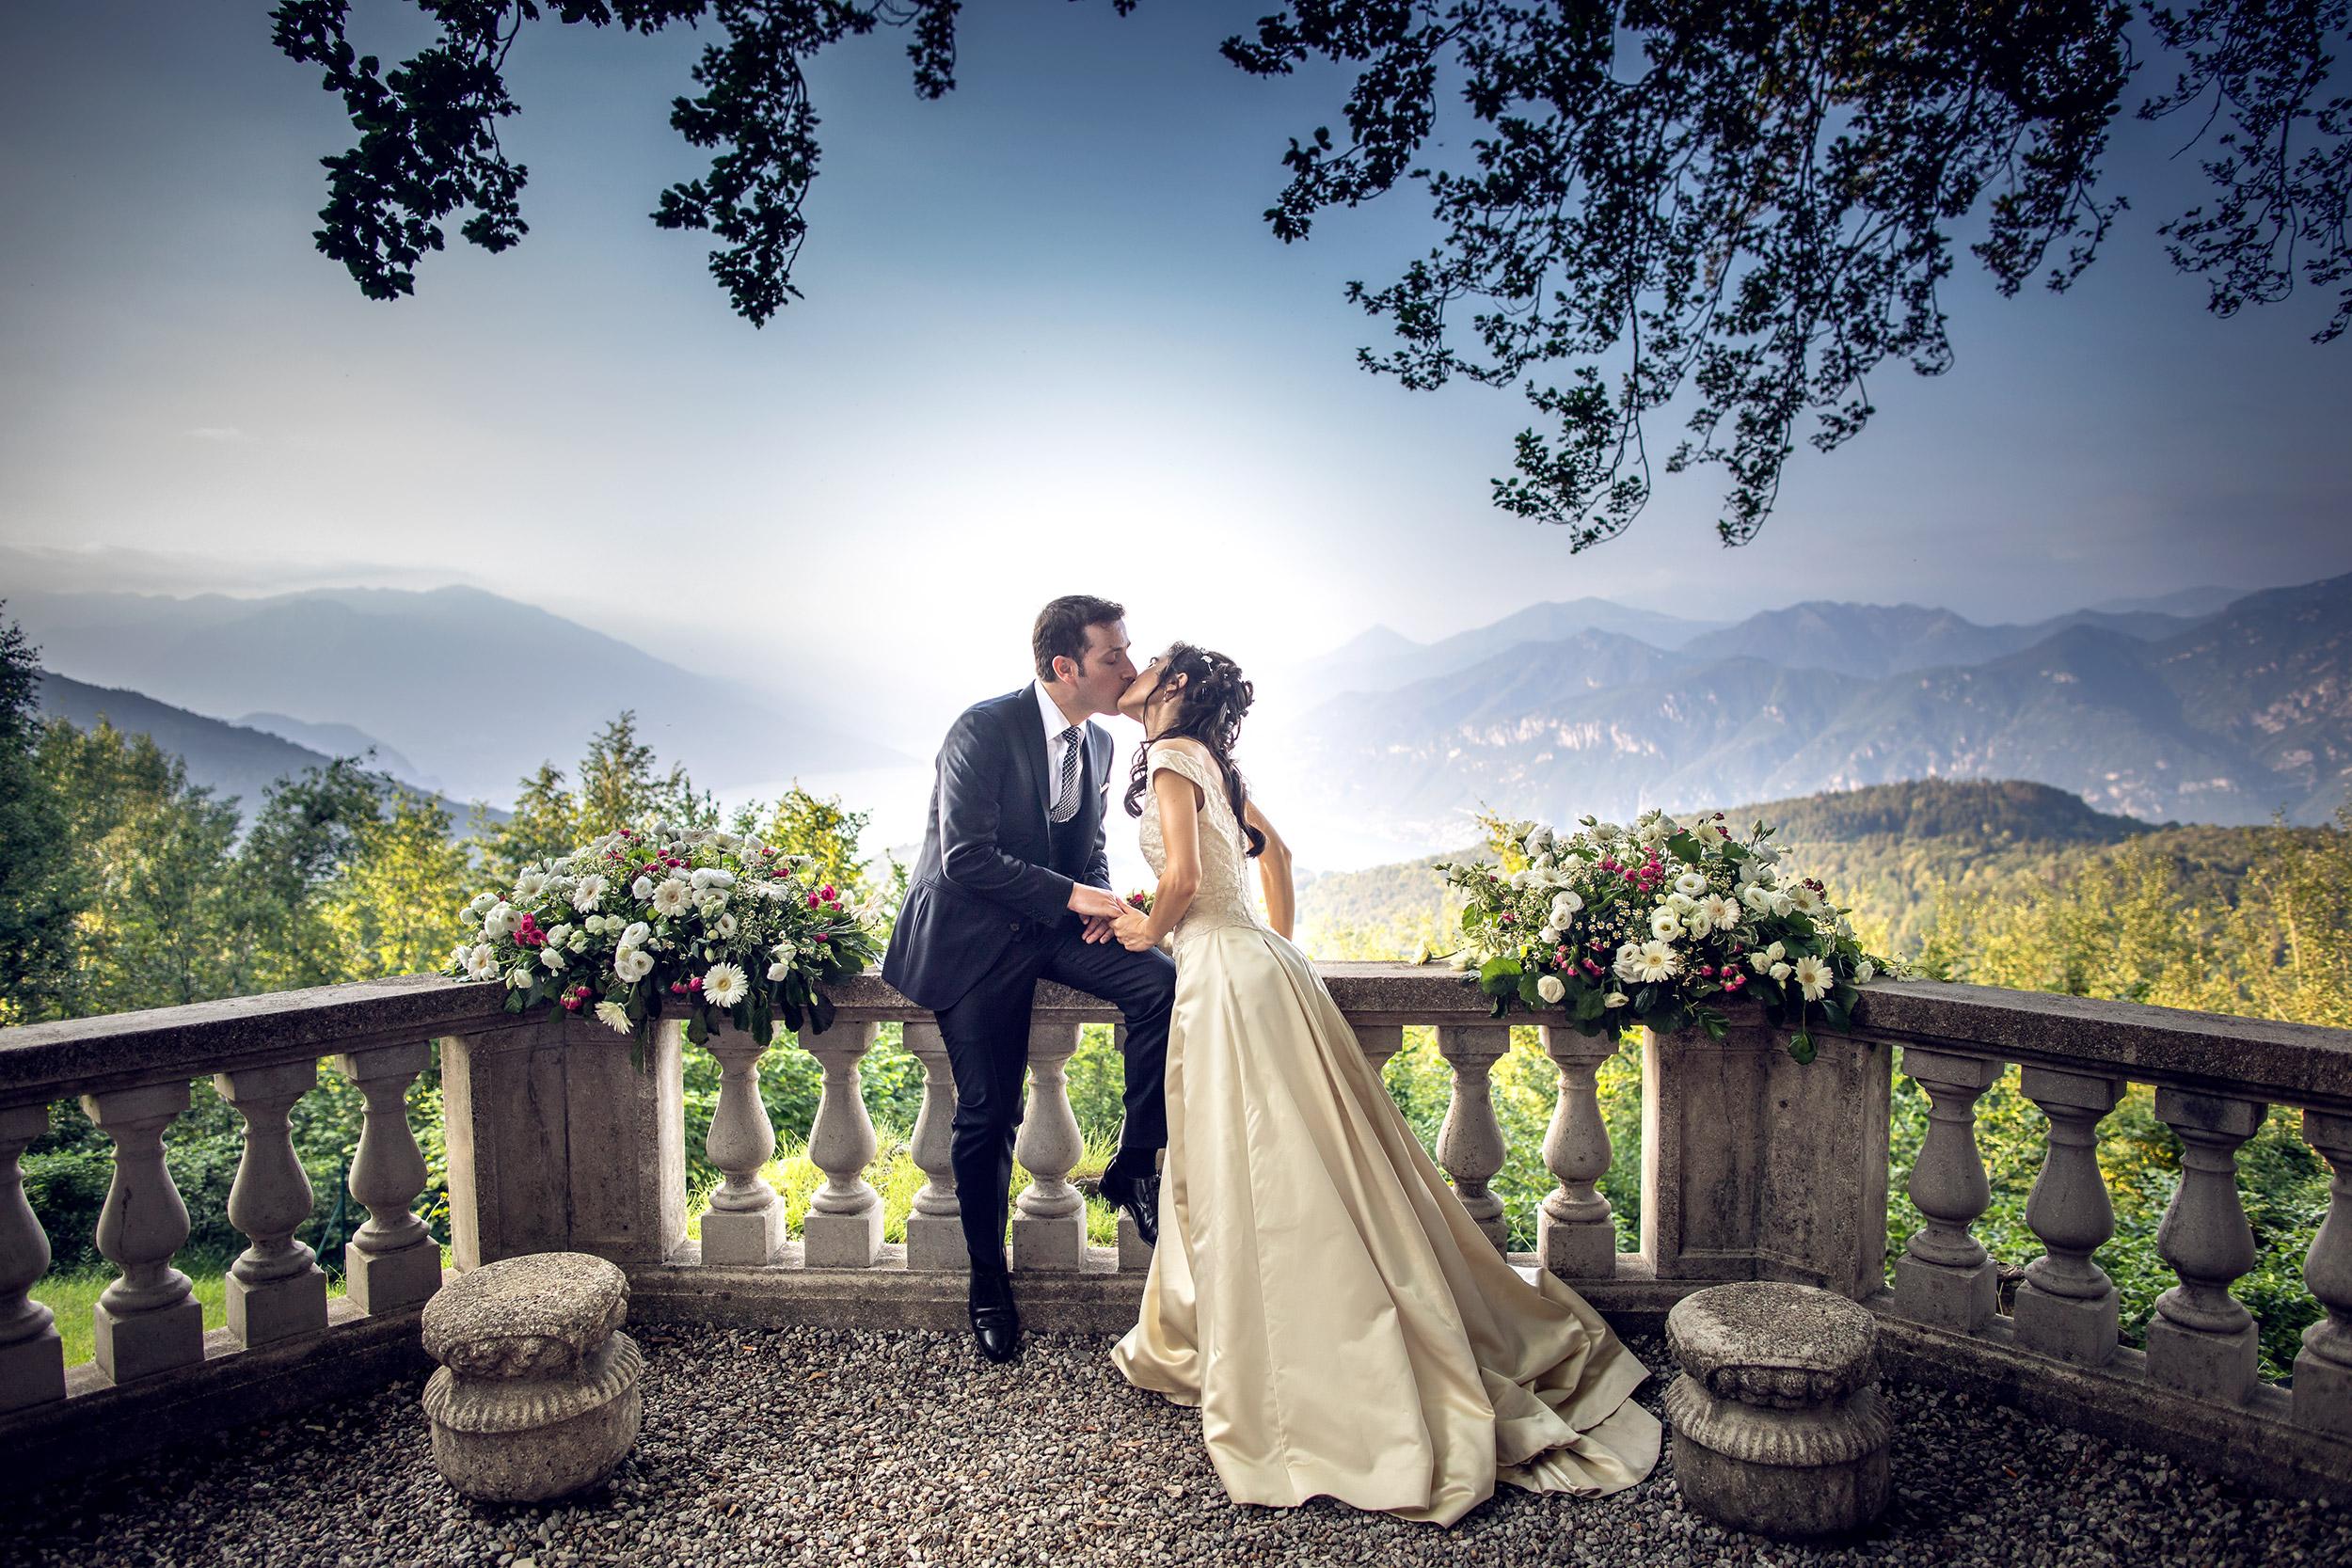 000 reportage wedding sposi foto ritratto matrimonio villa pietraluna civenna como 1